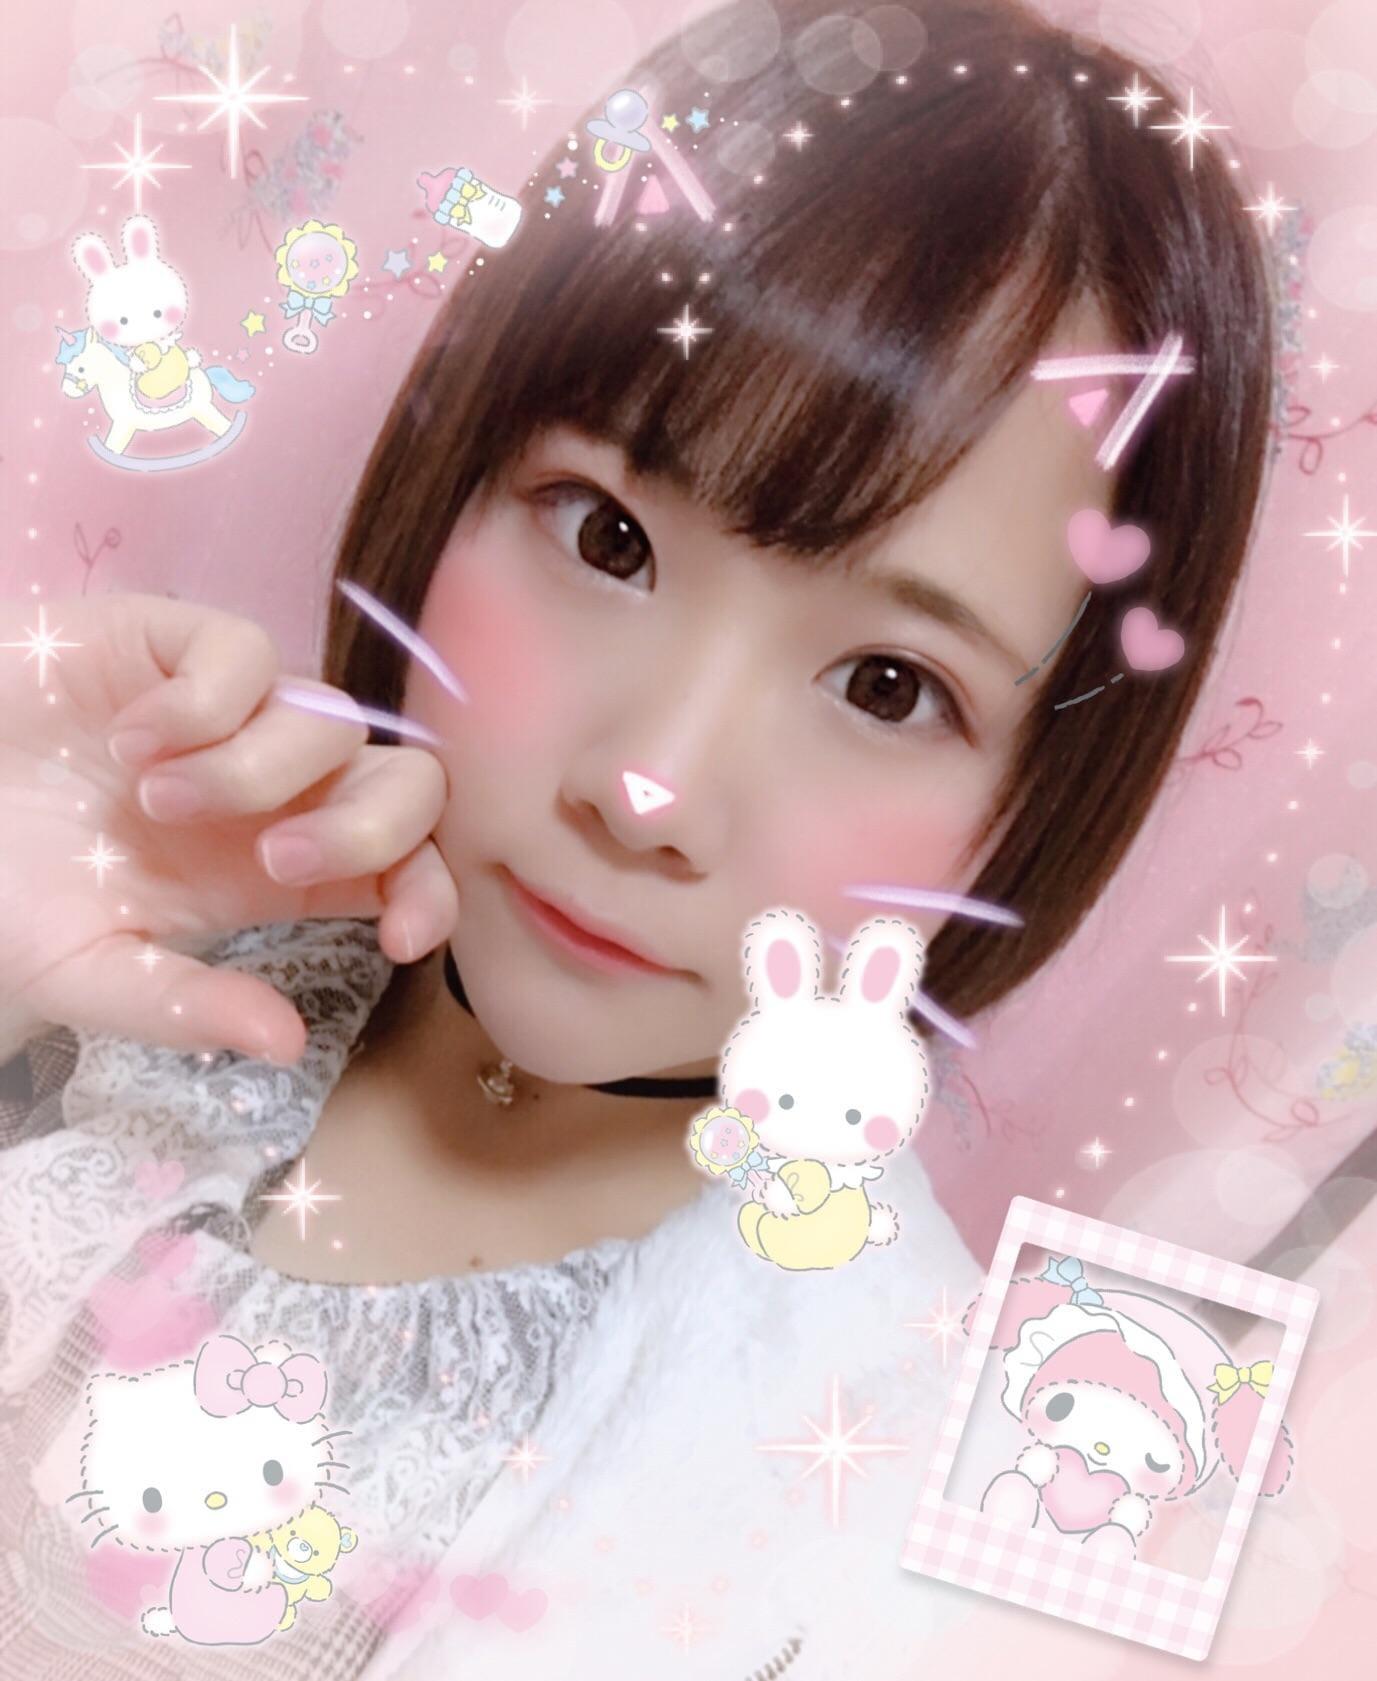 「本日のお礼(^_-)」11/17(11/17) 03:56 | みわの写メ・風俗動画